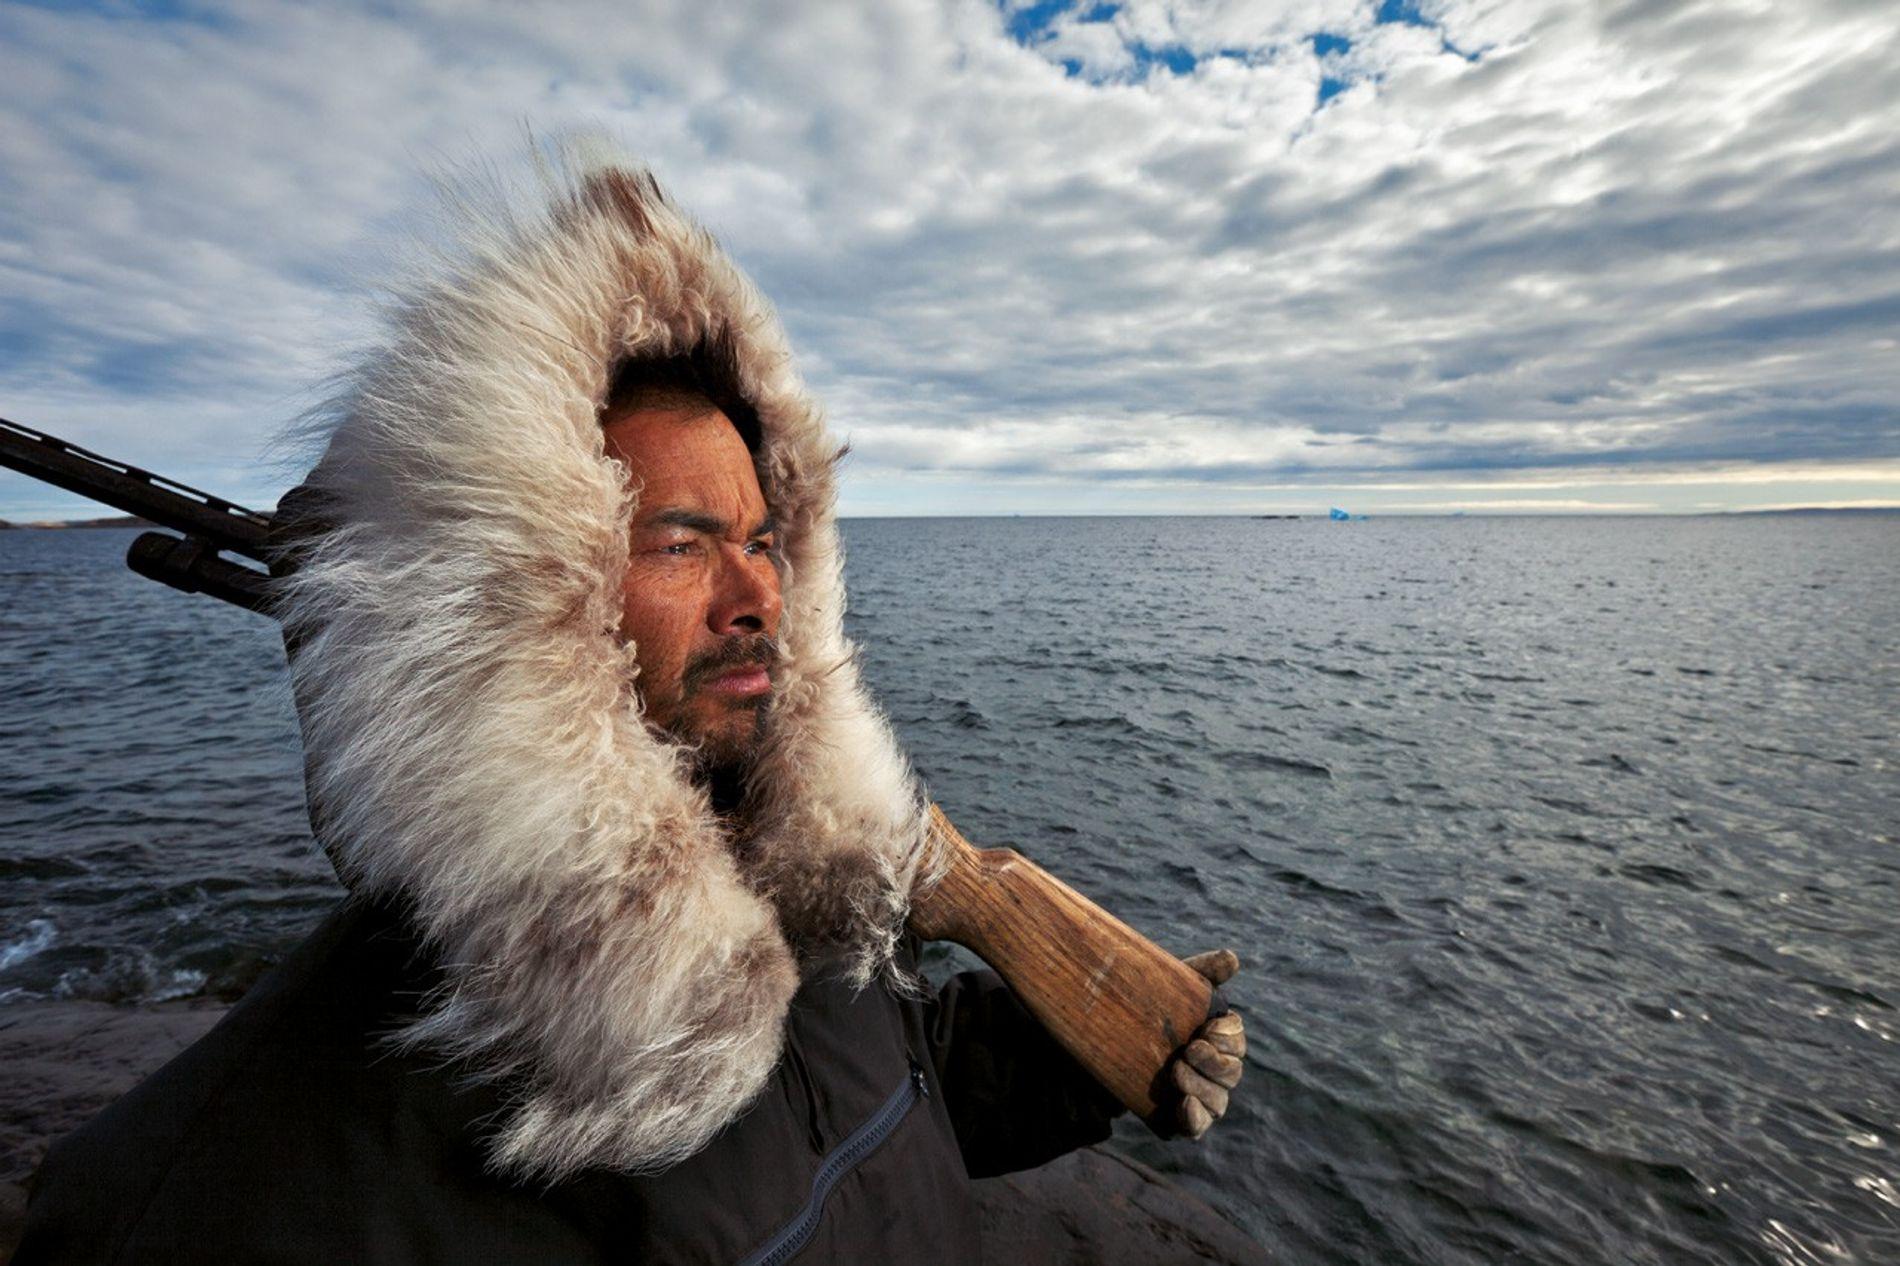 Donny Pitseolak surveille les ours polaires sur les côtes de l'île de Baffin, où des archéologues ont découvert du cordage confectionné à la manière viking, preuve d'un contact avec des Européens.